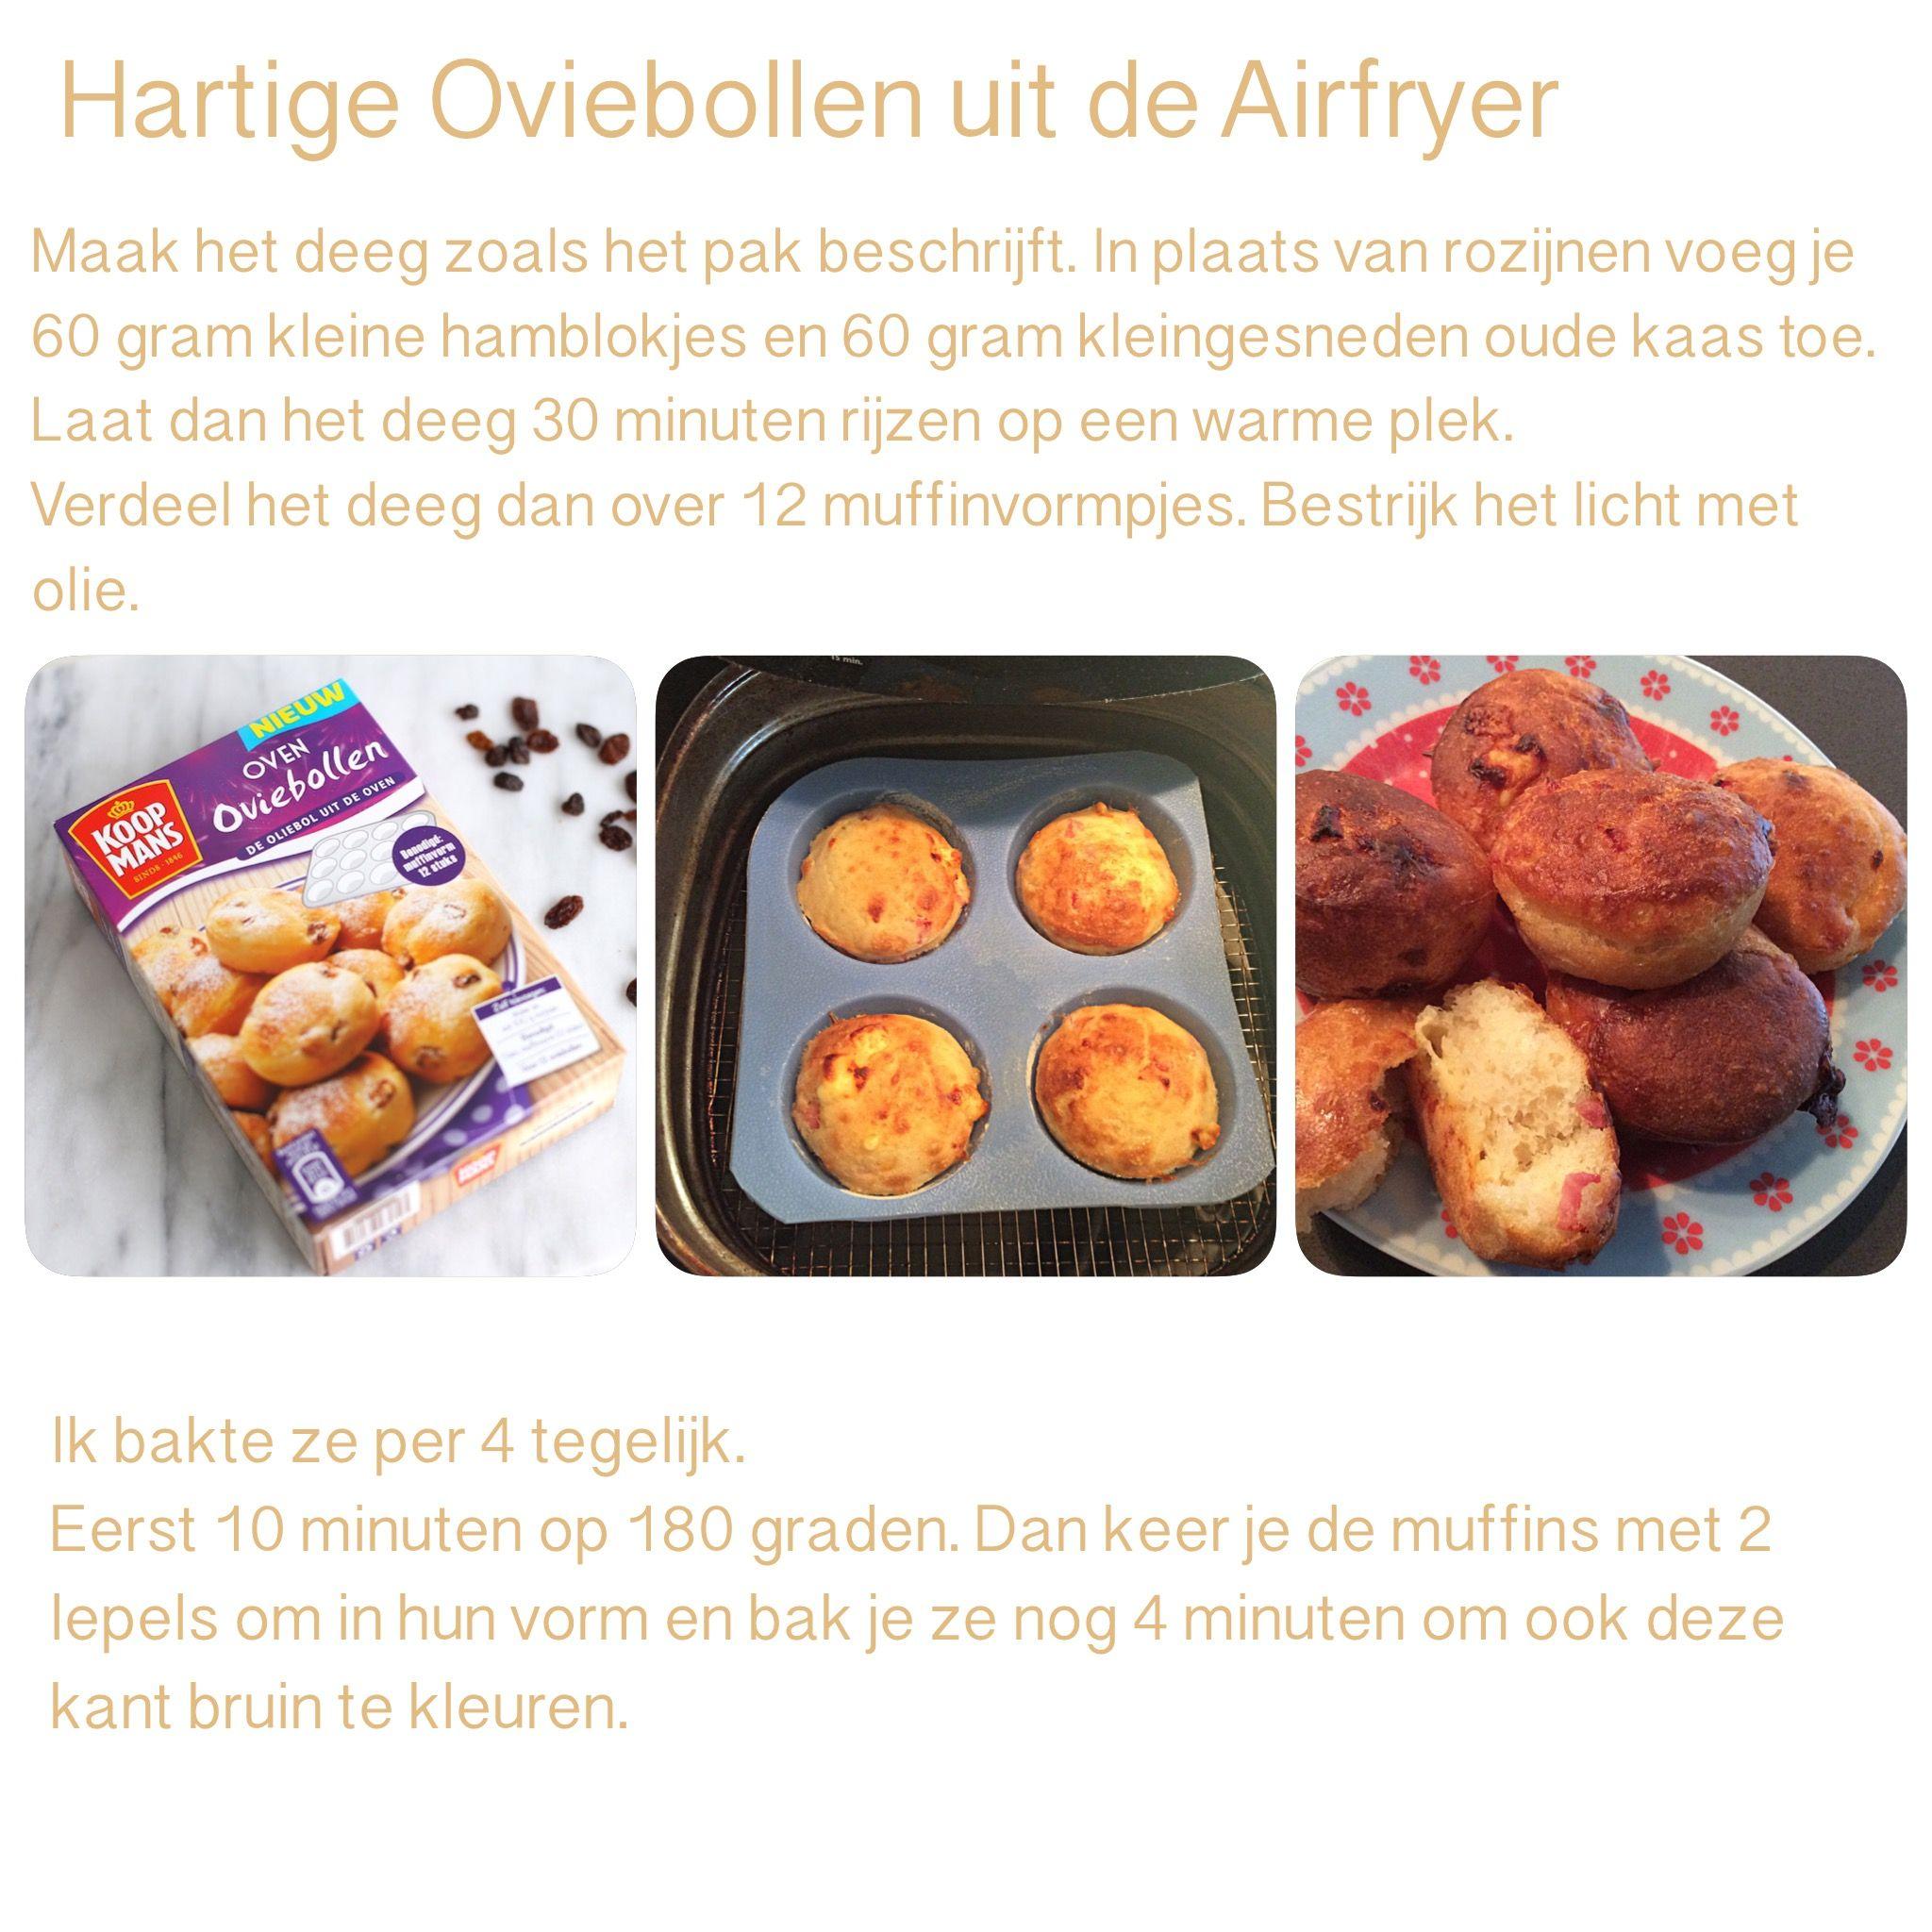 Hartige Oviebollen Uit De Airfryer 14 Minuten 180 Graden Ak